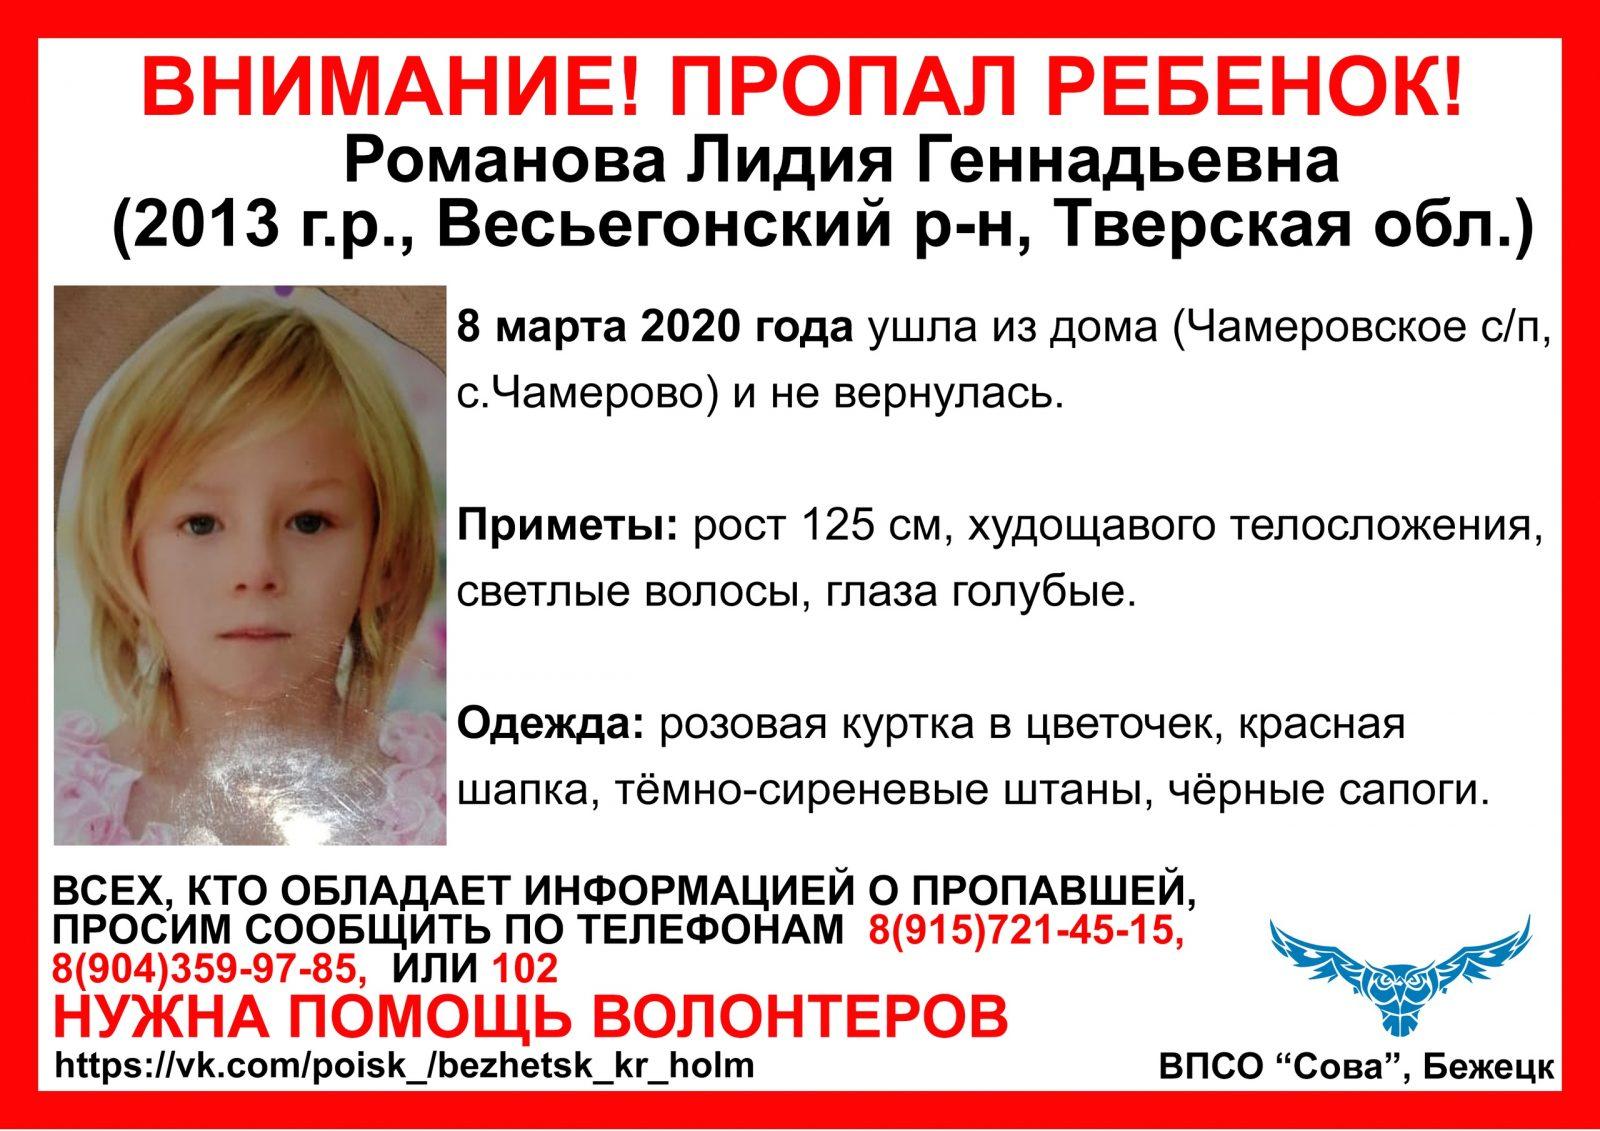 В Тверской области возбуждено уголовное дело по факту безвестного исчезновения малолетней девочки